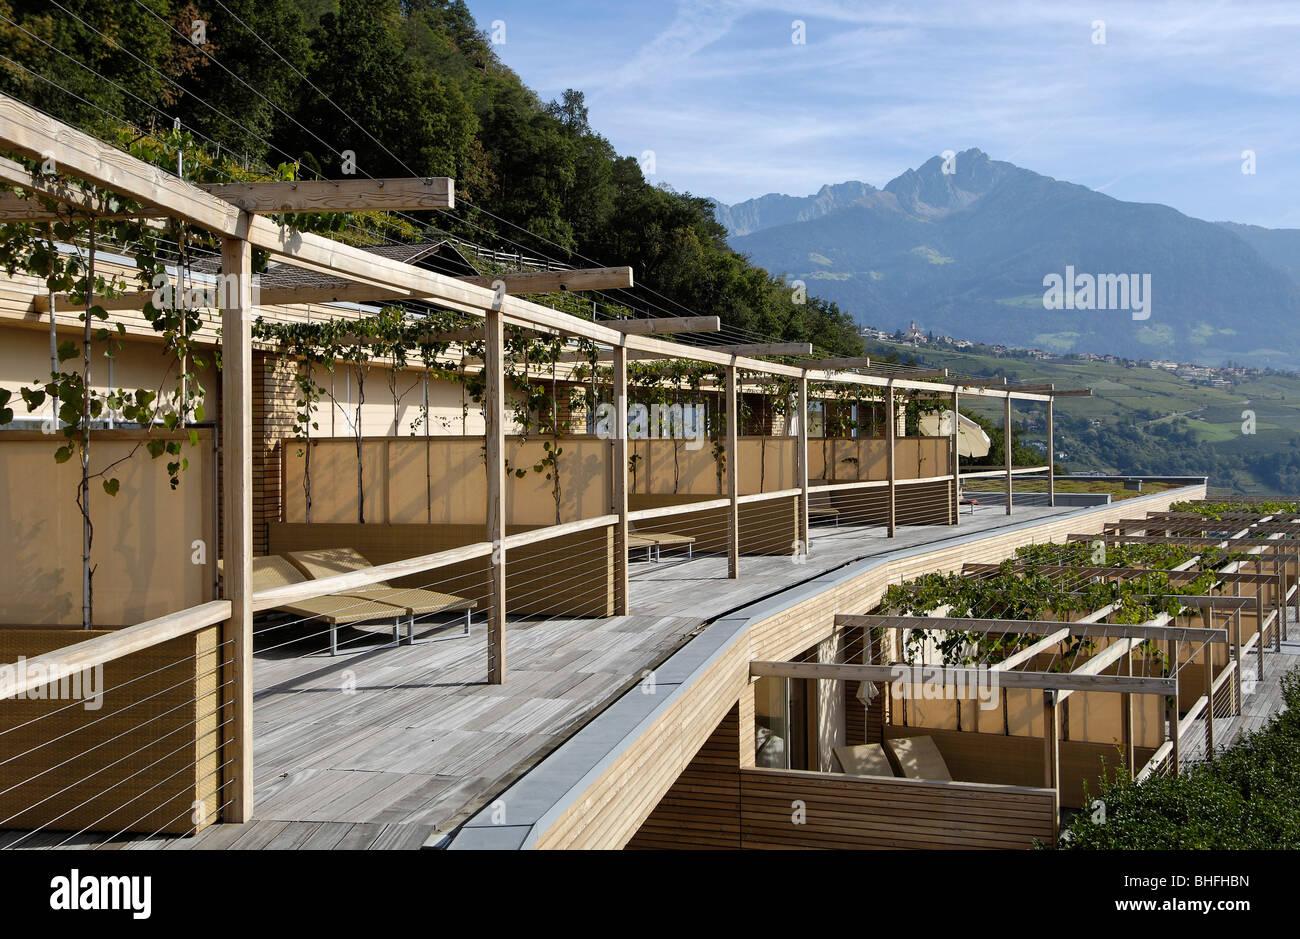 Las Terrazas Del Hotel De Diseño En La Pérgola De La